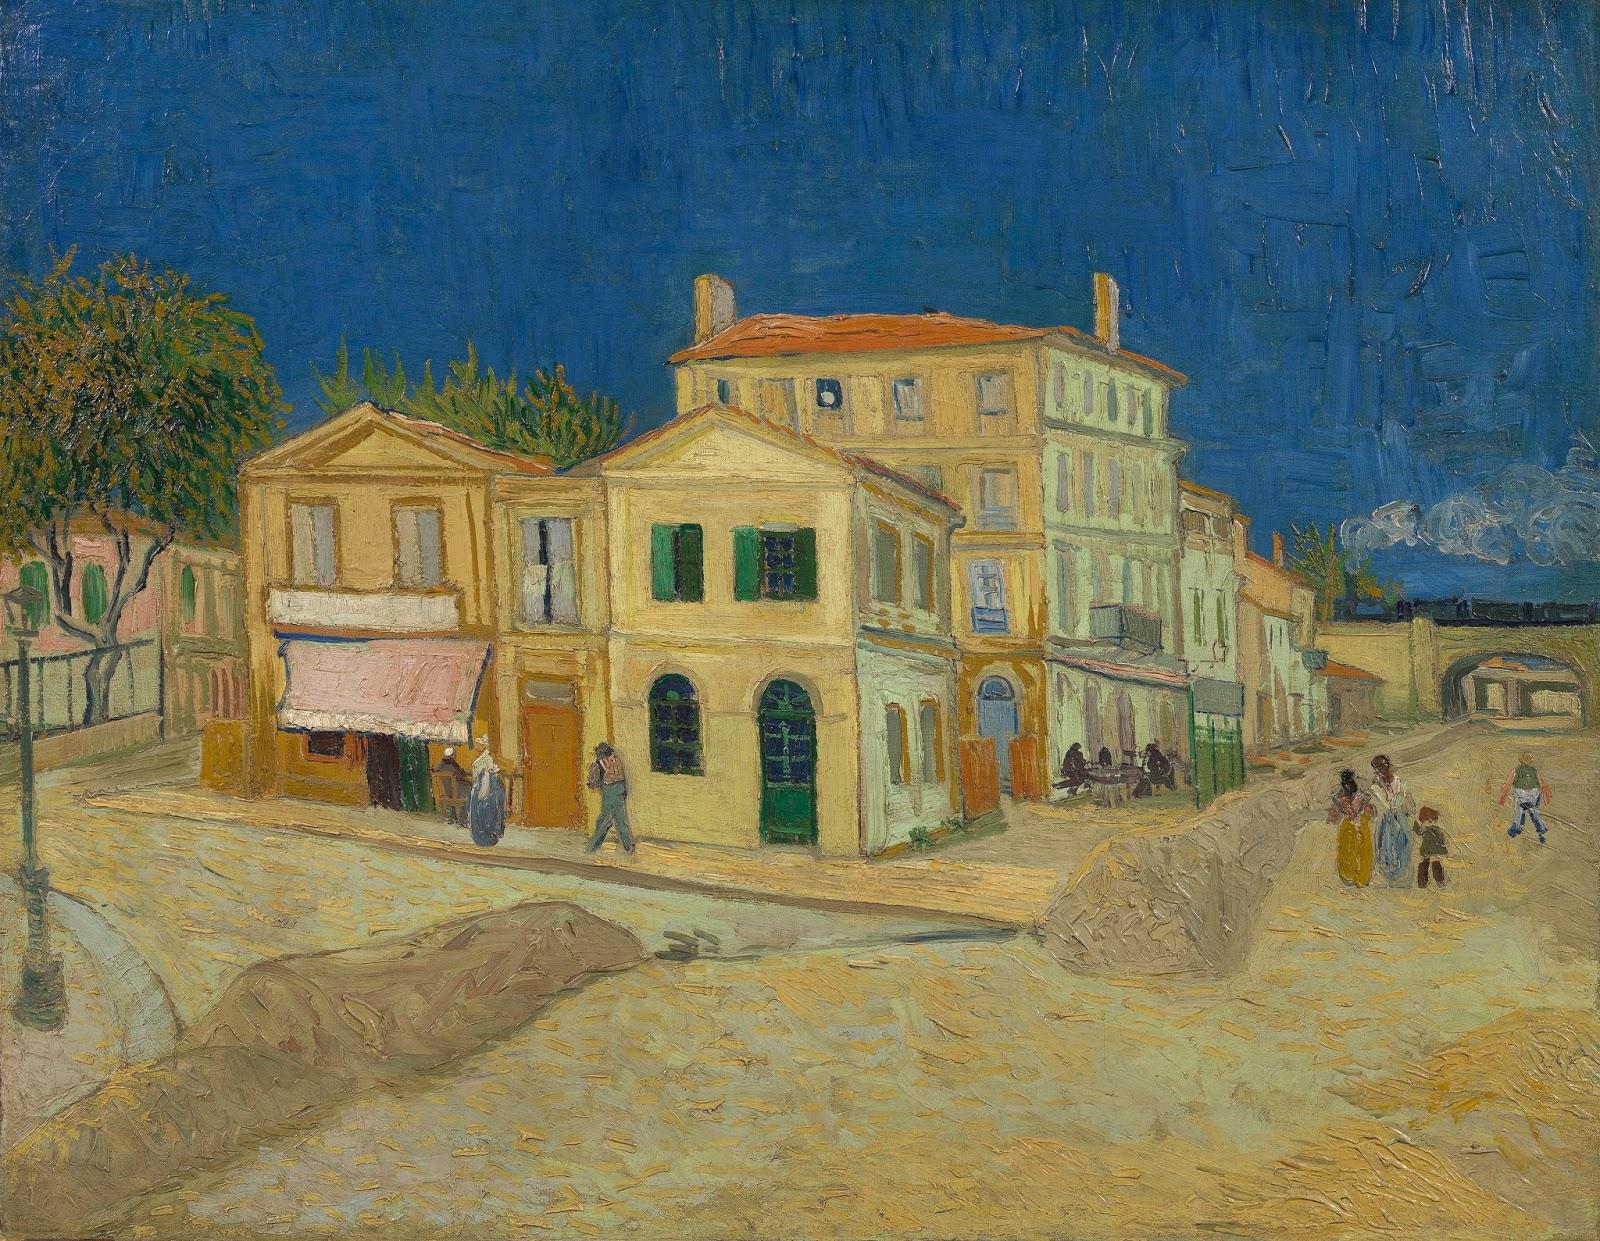 El dormitorio de Van Gogh en Arlés: tres versiones | Harte con Hache